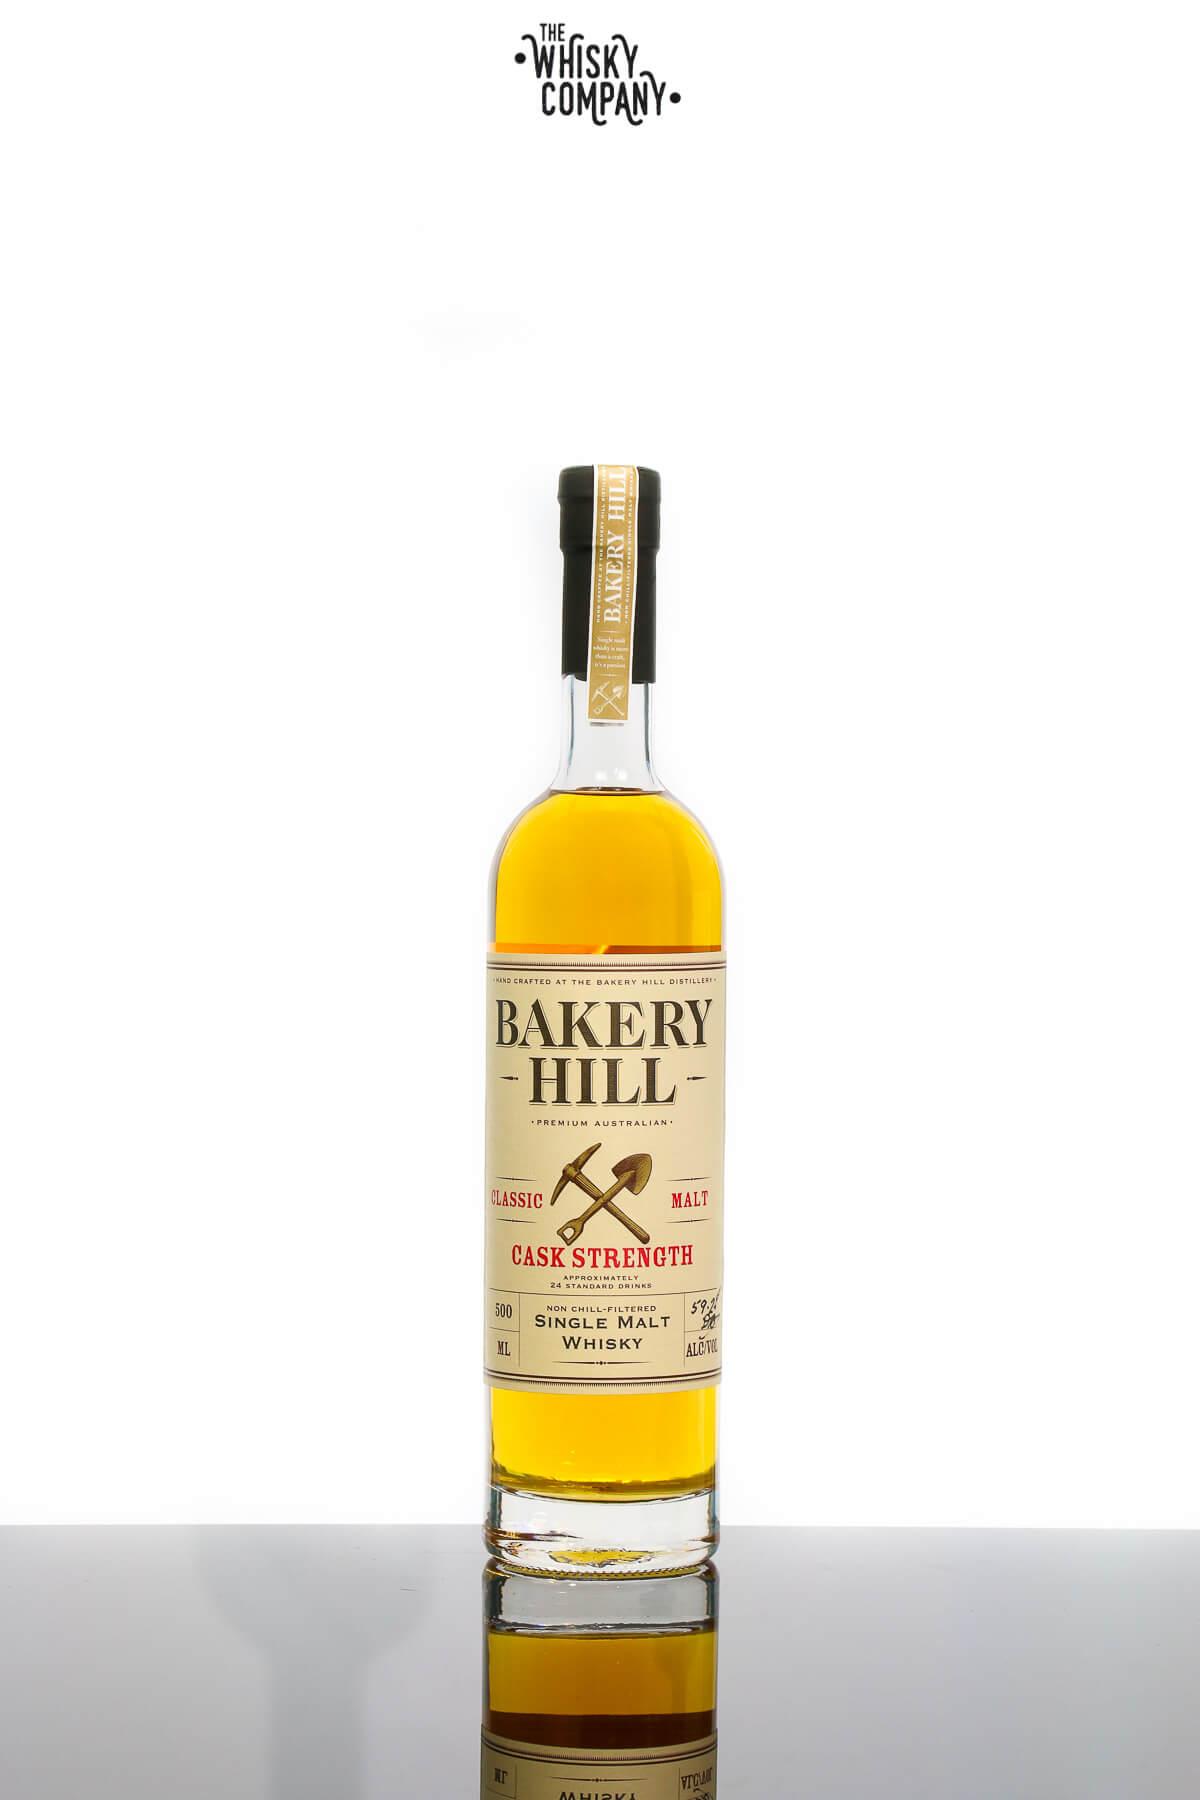 Bakery Hill Classic Malt Cask Strength Australian Single Malt Whisky (500ml)